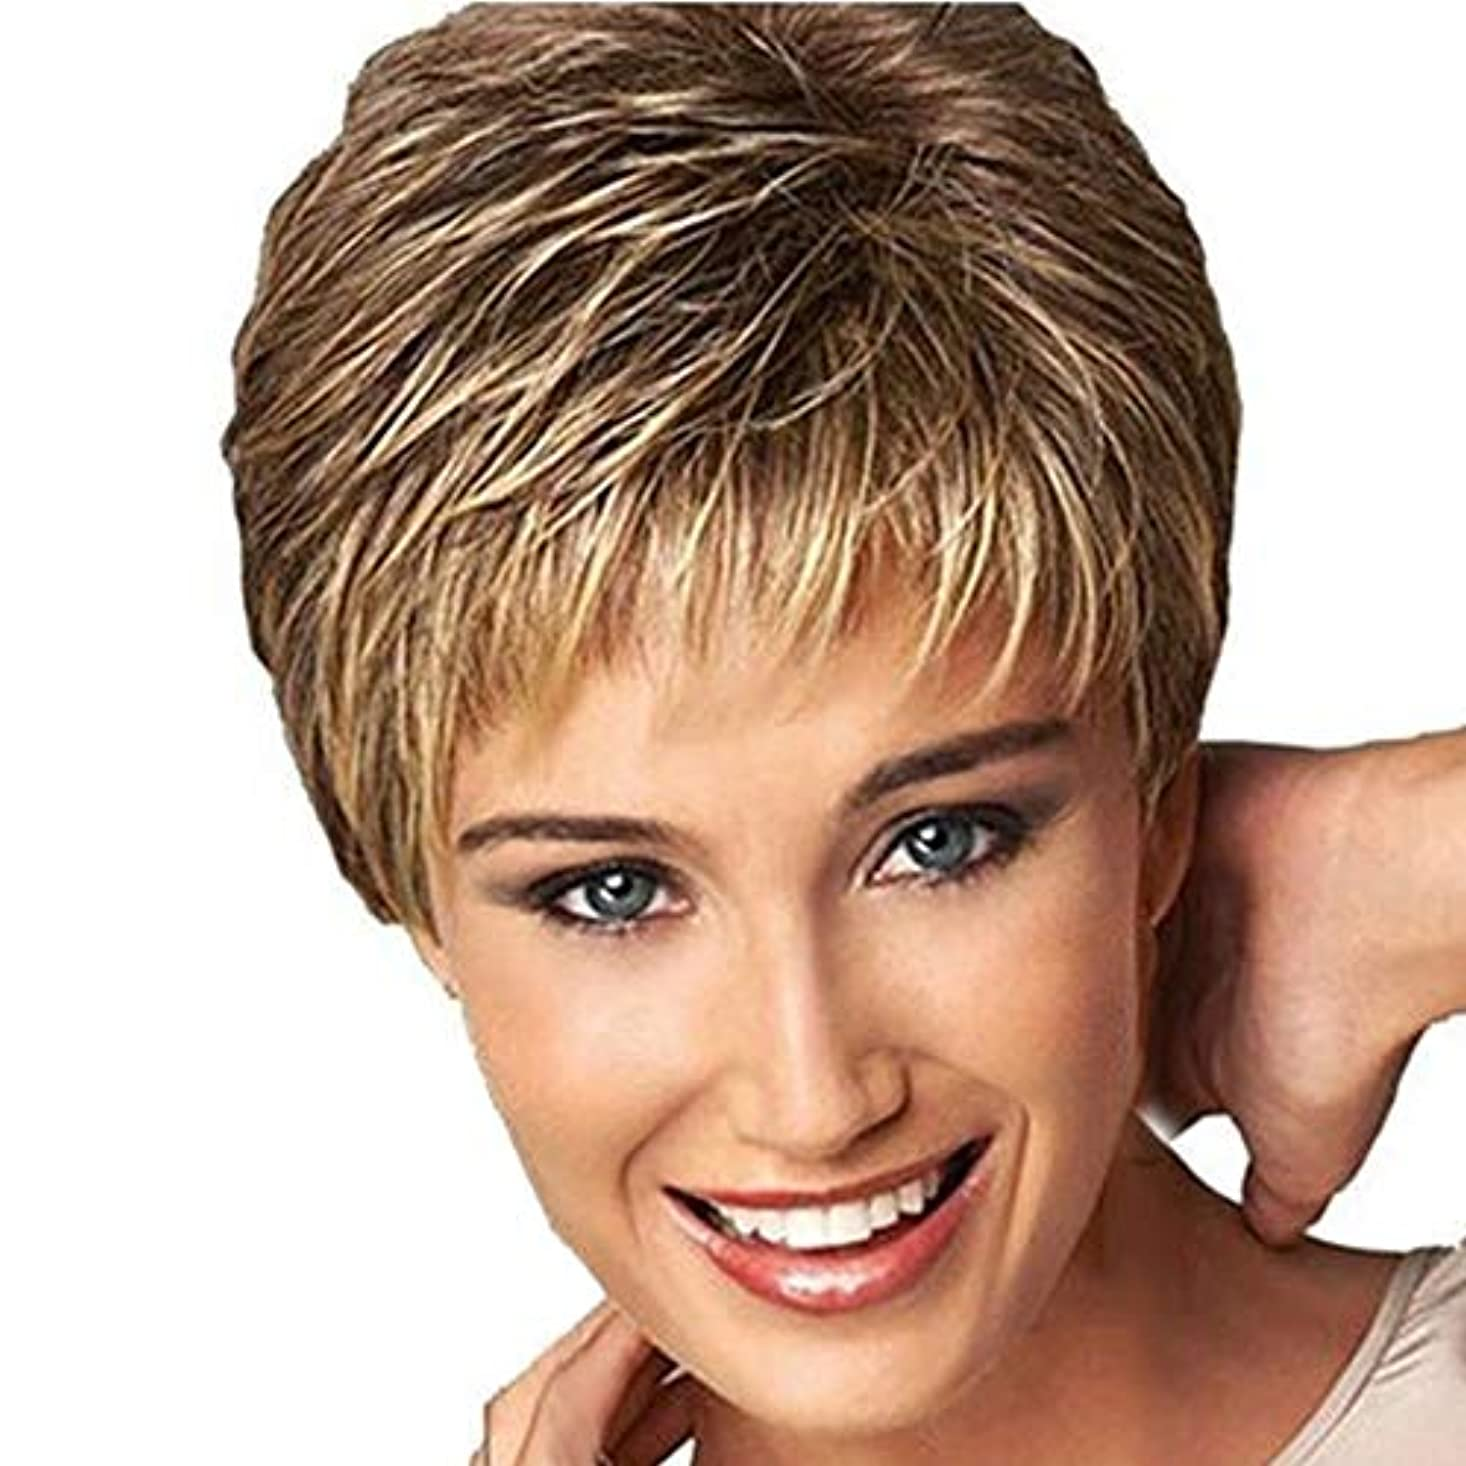 枝充実期間美しさ 3ピースヘアケアかつらスタンド耐熱繊維かつら短い散髪カーリーカラーグラデーションかつらファッション ヘア&シェービング